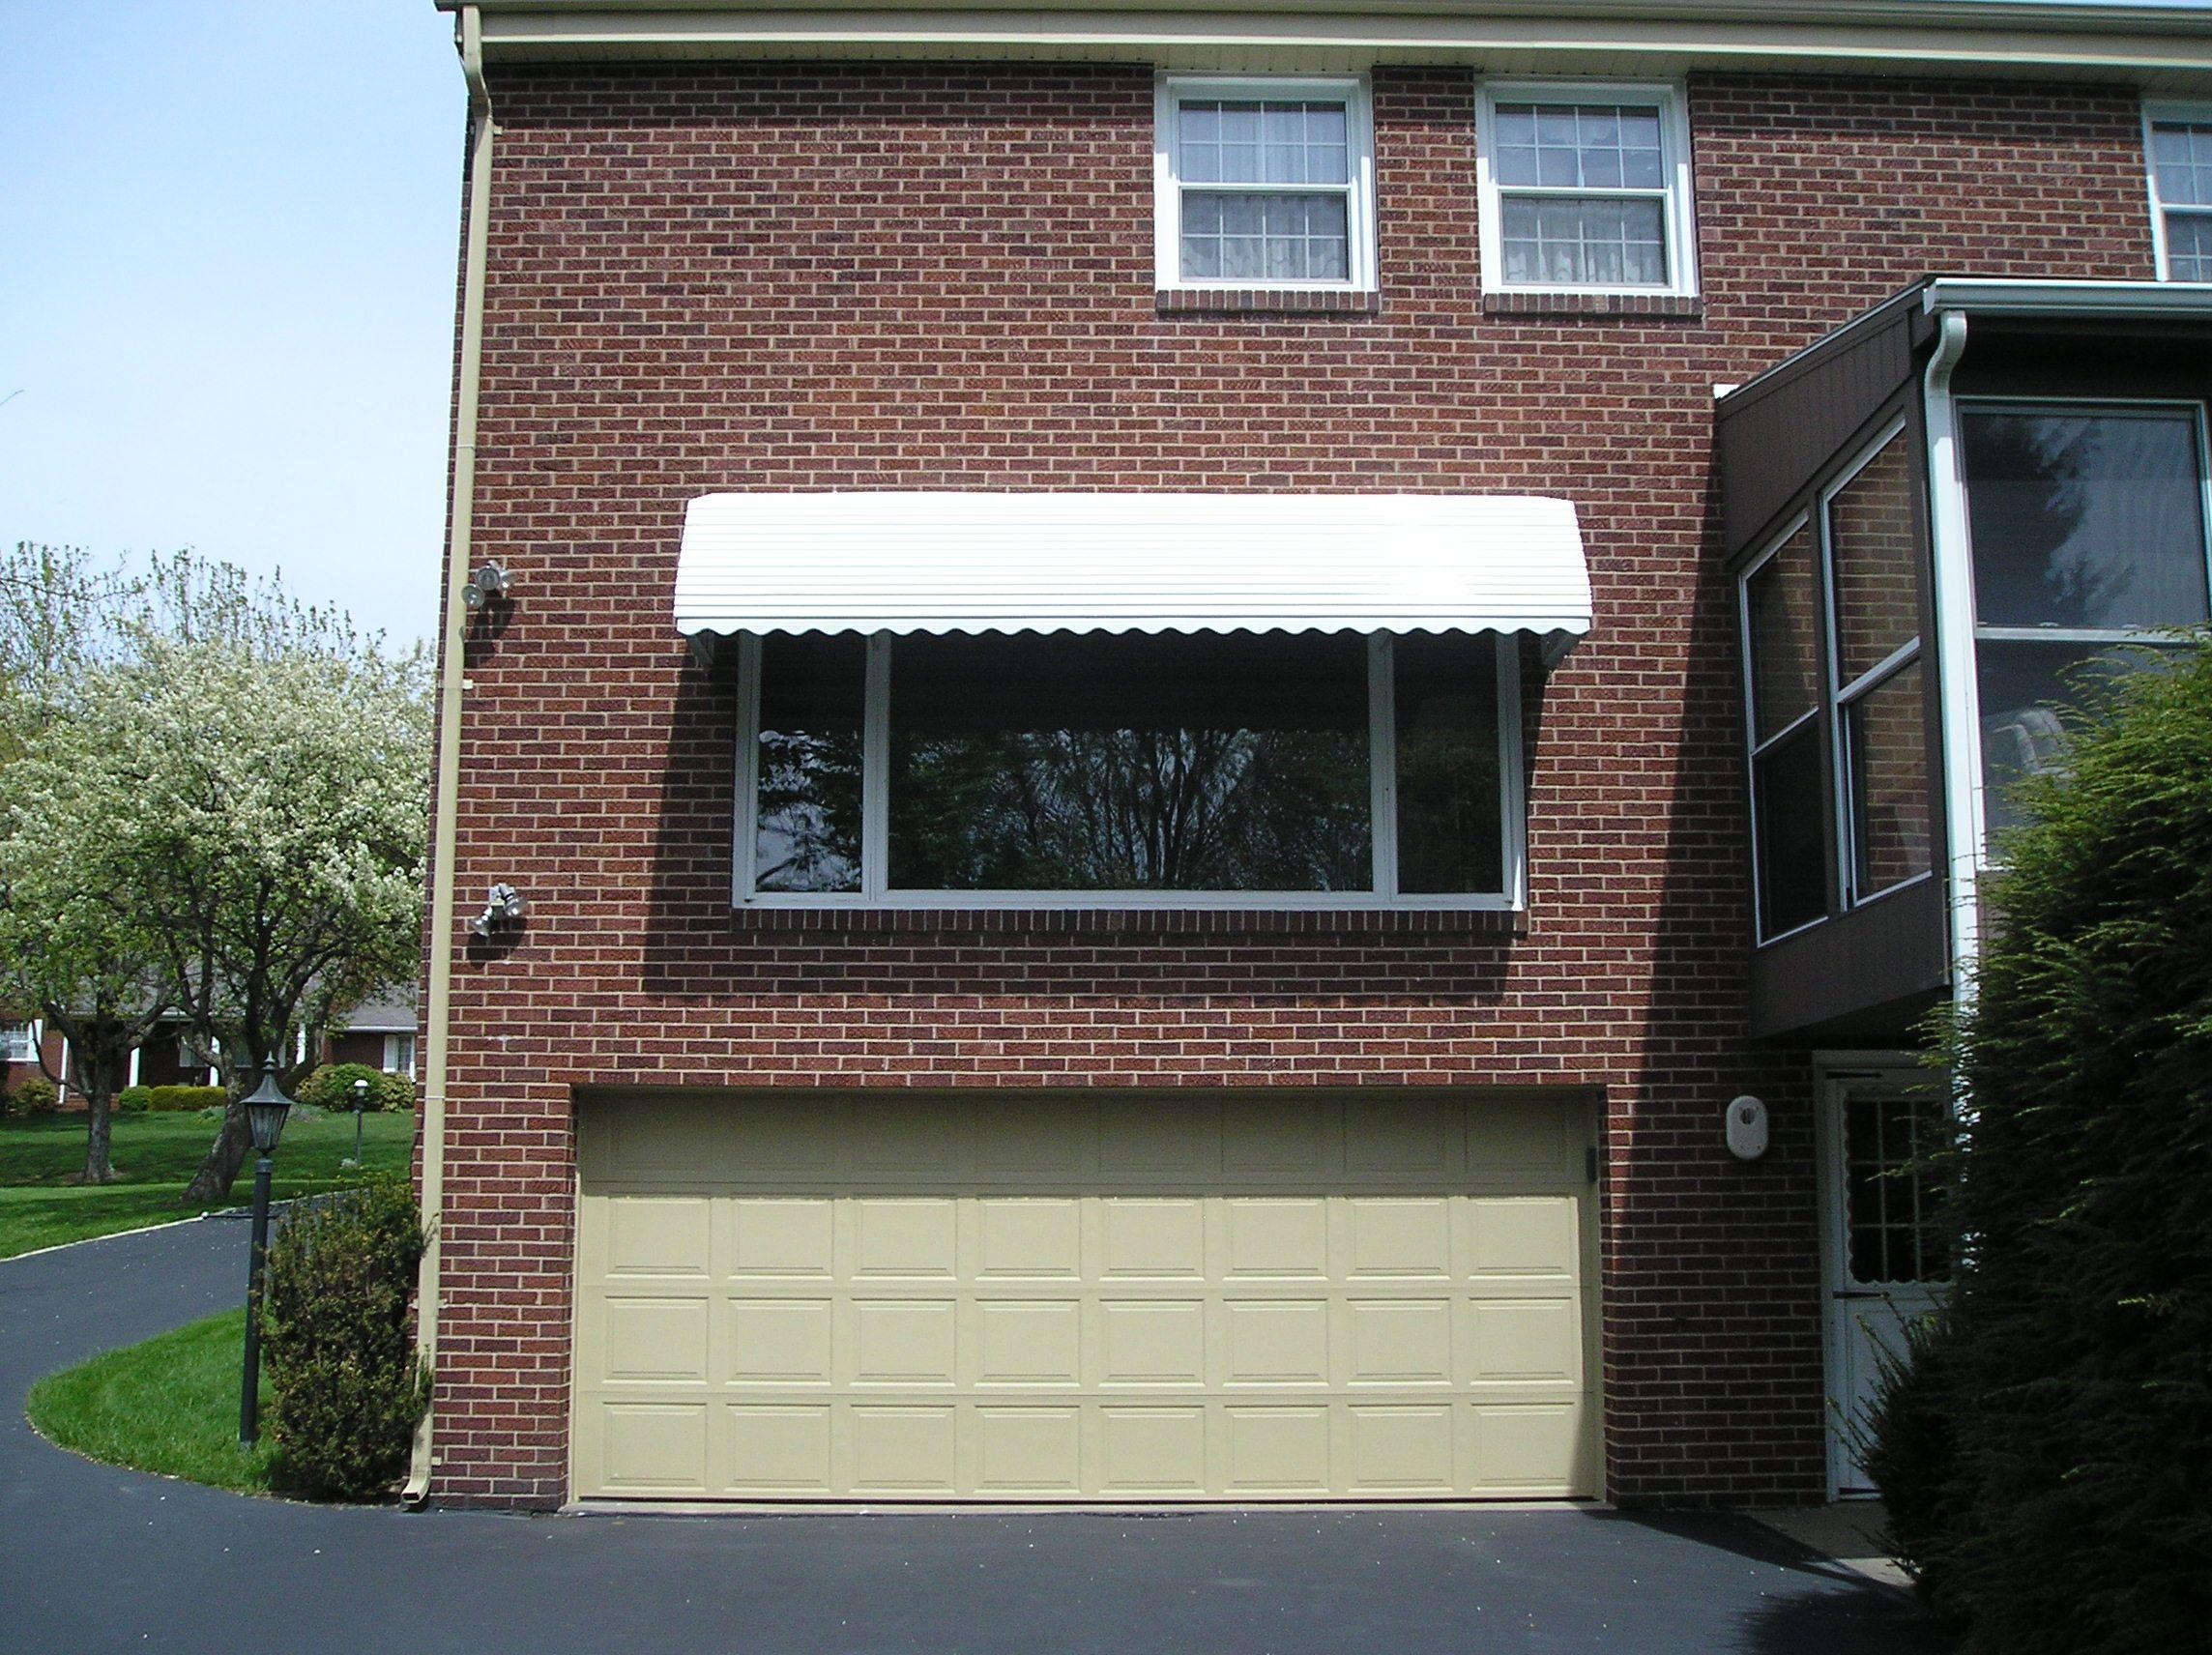 Step Down Aluminum Awning Aluminum Awnings Garage Doors Garage